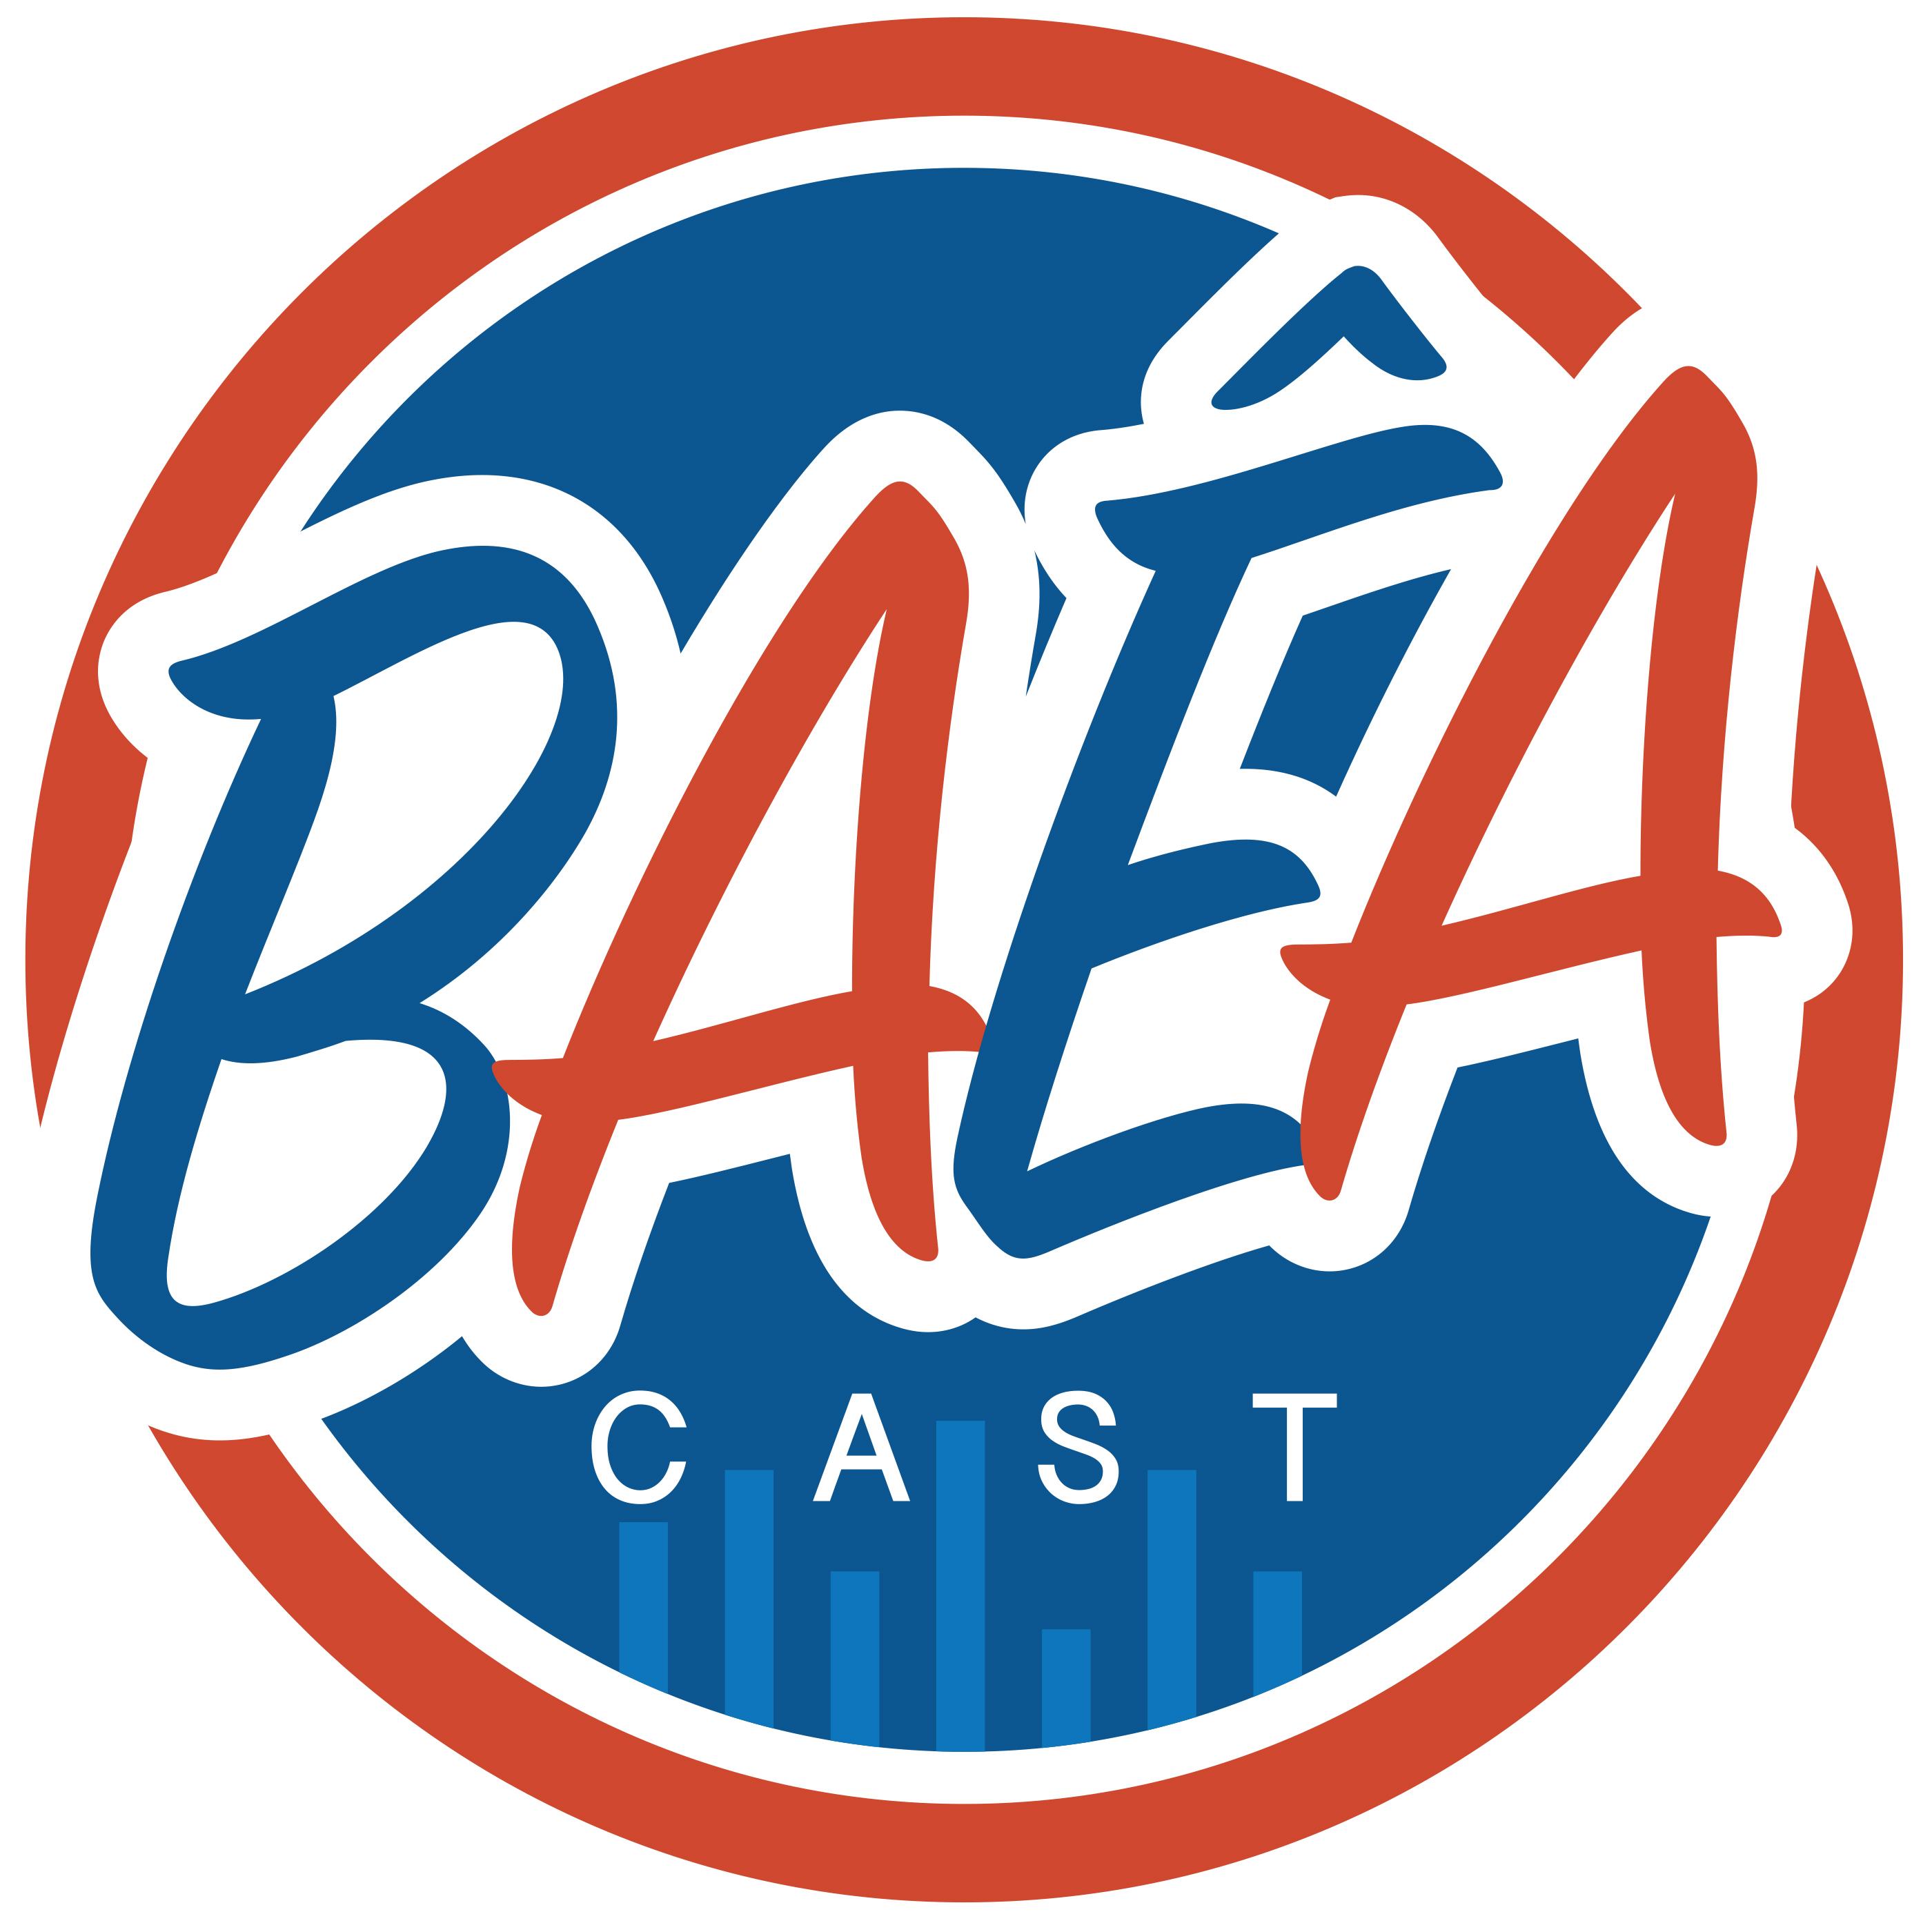 baeacast